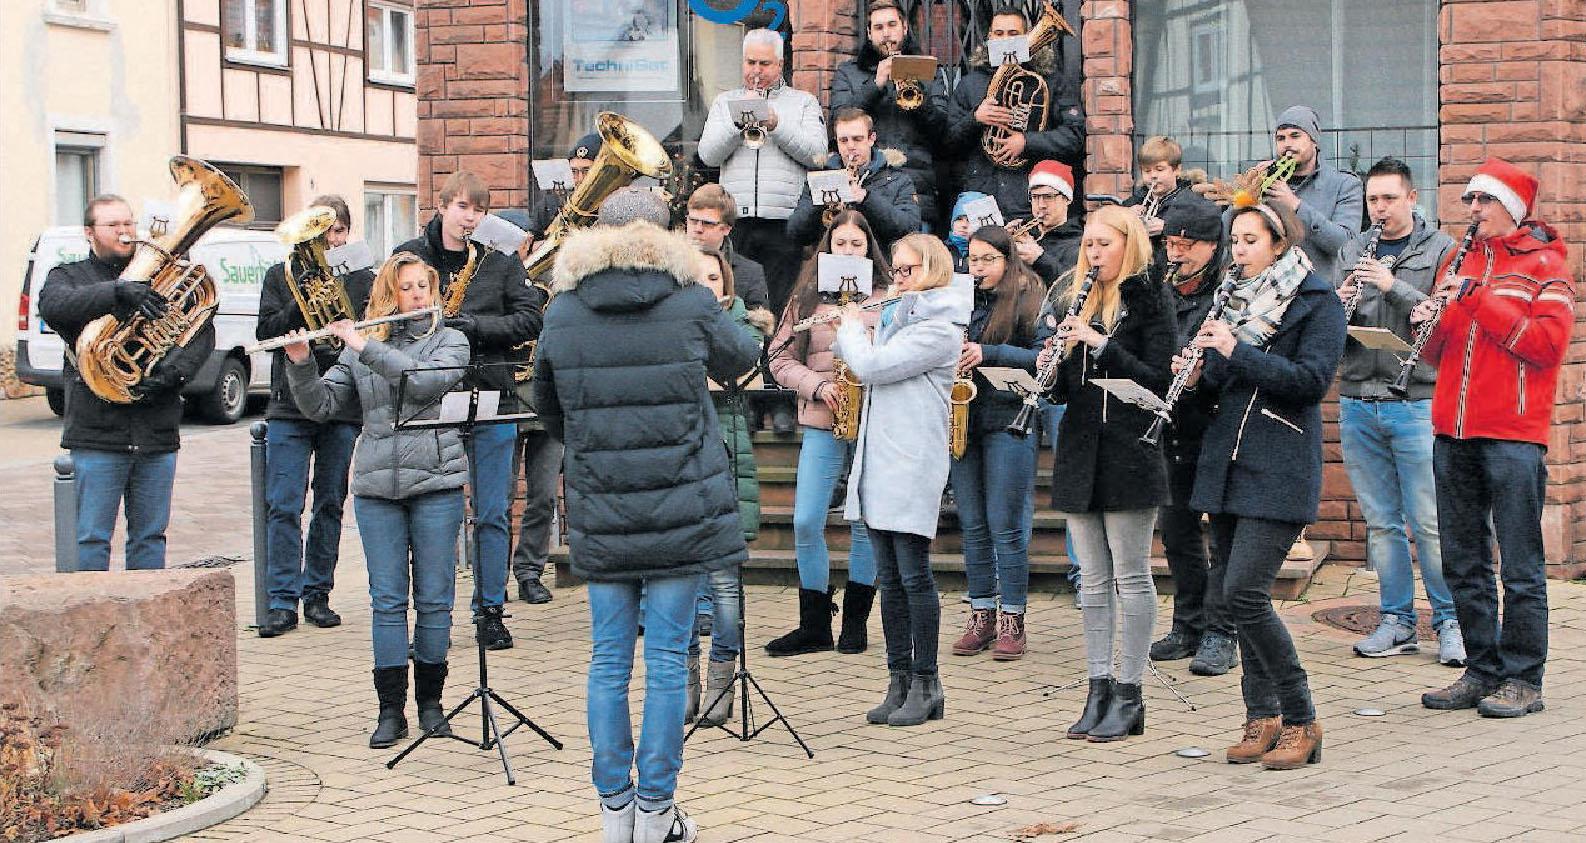 """Treffpunkt für bis zu 25 Musiker an Heiligabend: das """"Weihnachtliche Musizieren"""" in Iggelheim (hier die Station Luitpoldstraße/Ecke Taubenstraße 2017). FOTO: WITTMANN/MUSIKVEREIN IGGELHEIM/FREI"""